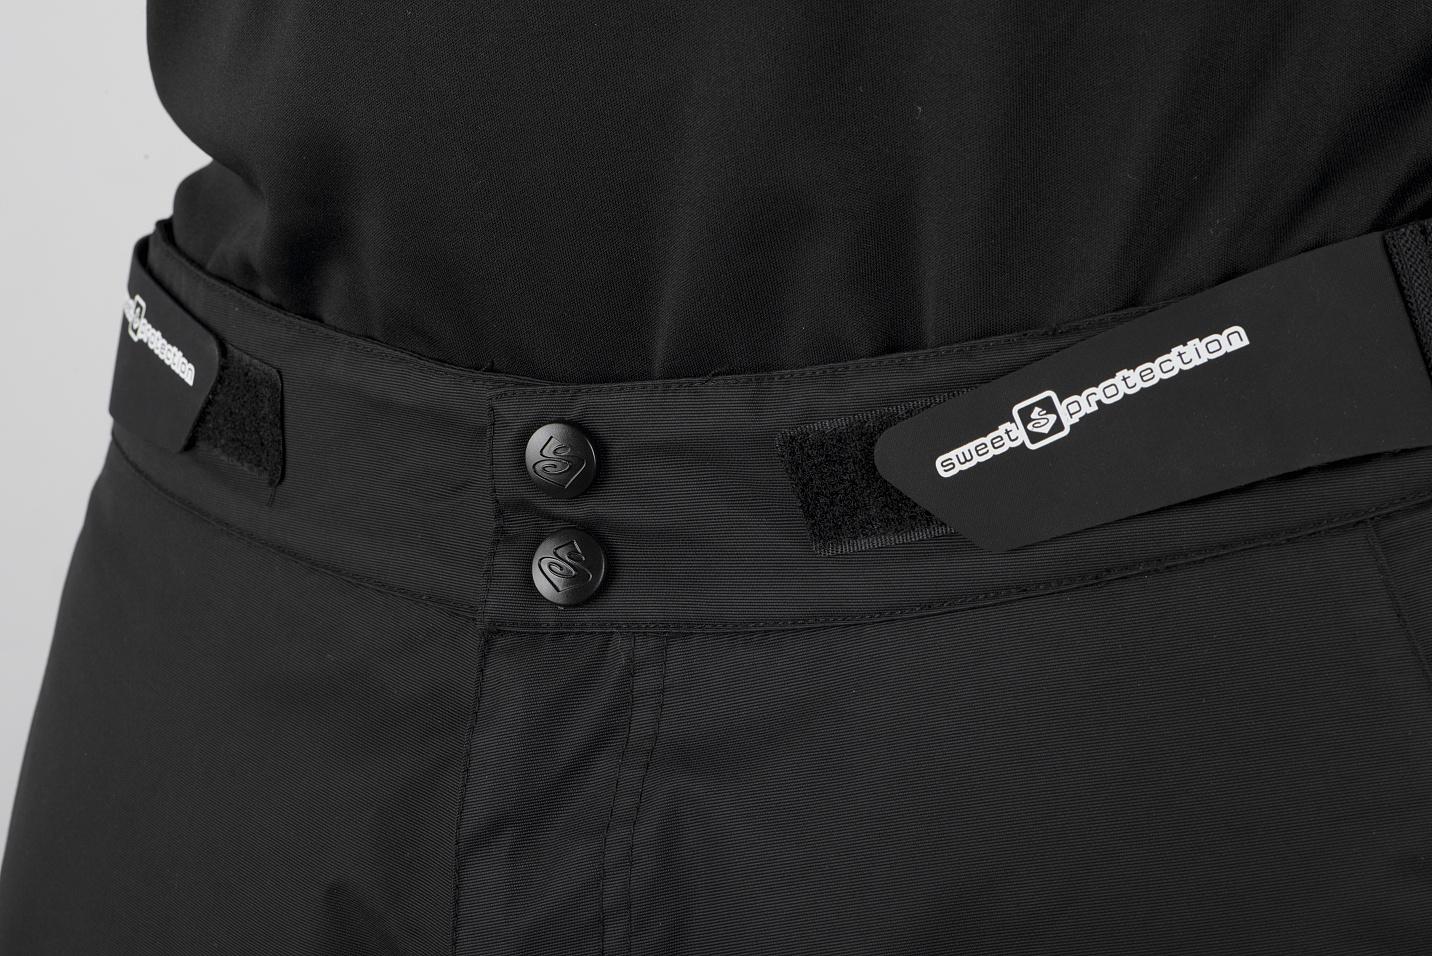 shambala_shorts-true_black-detail01.jpg